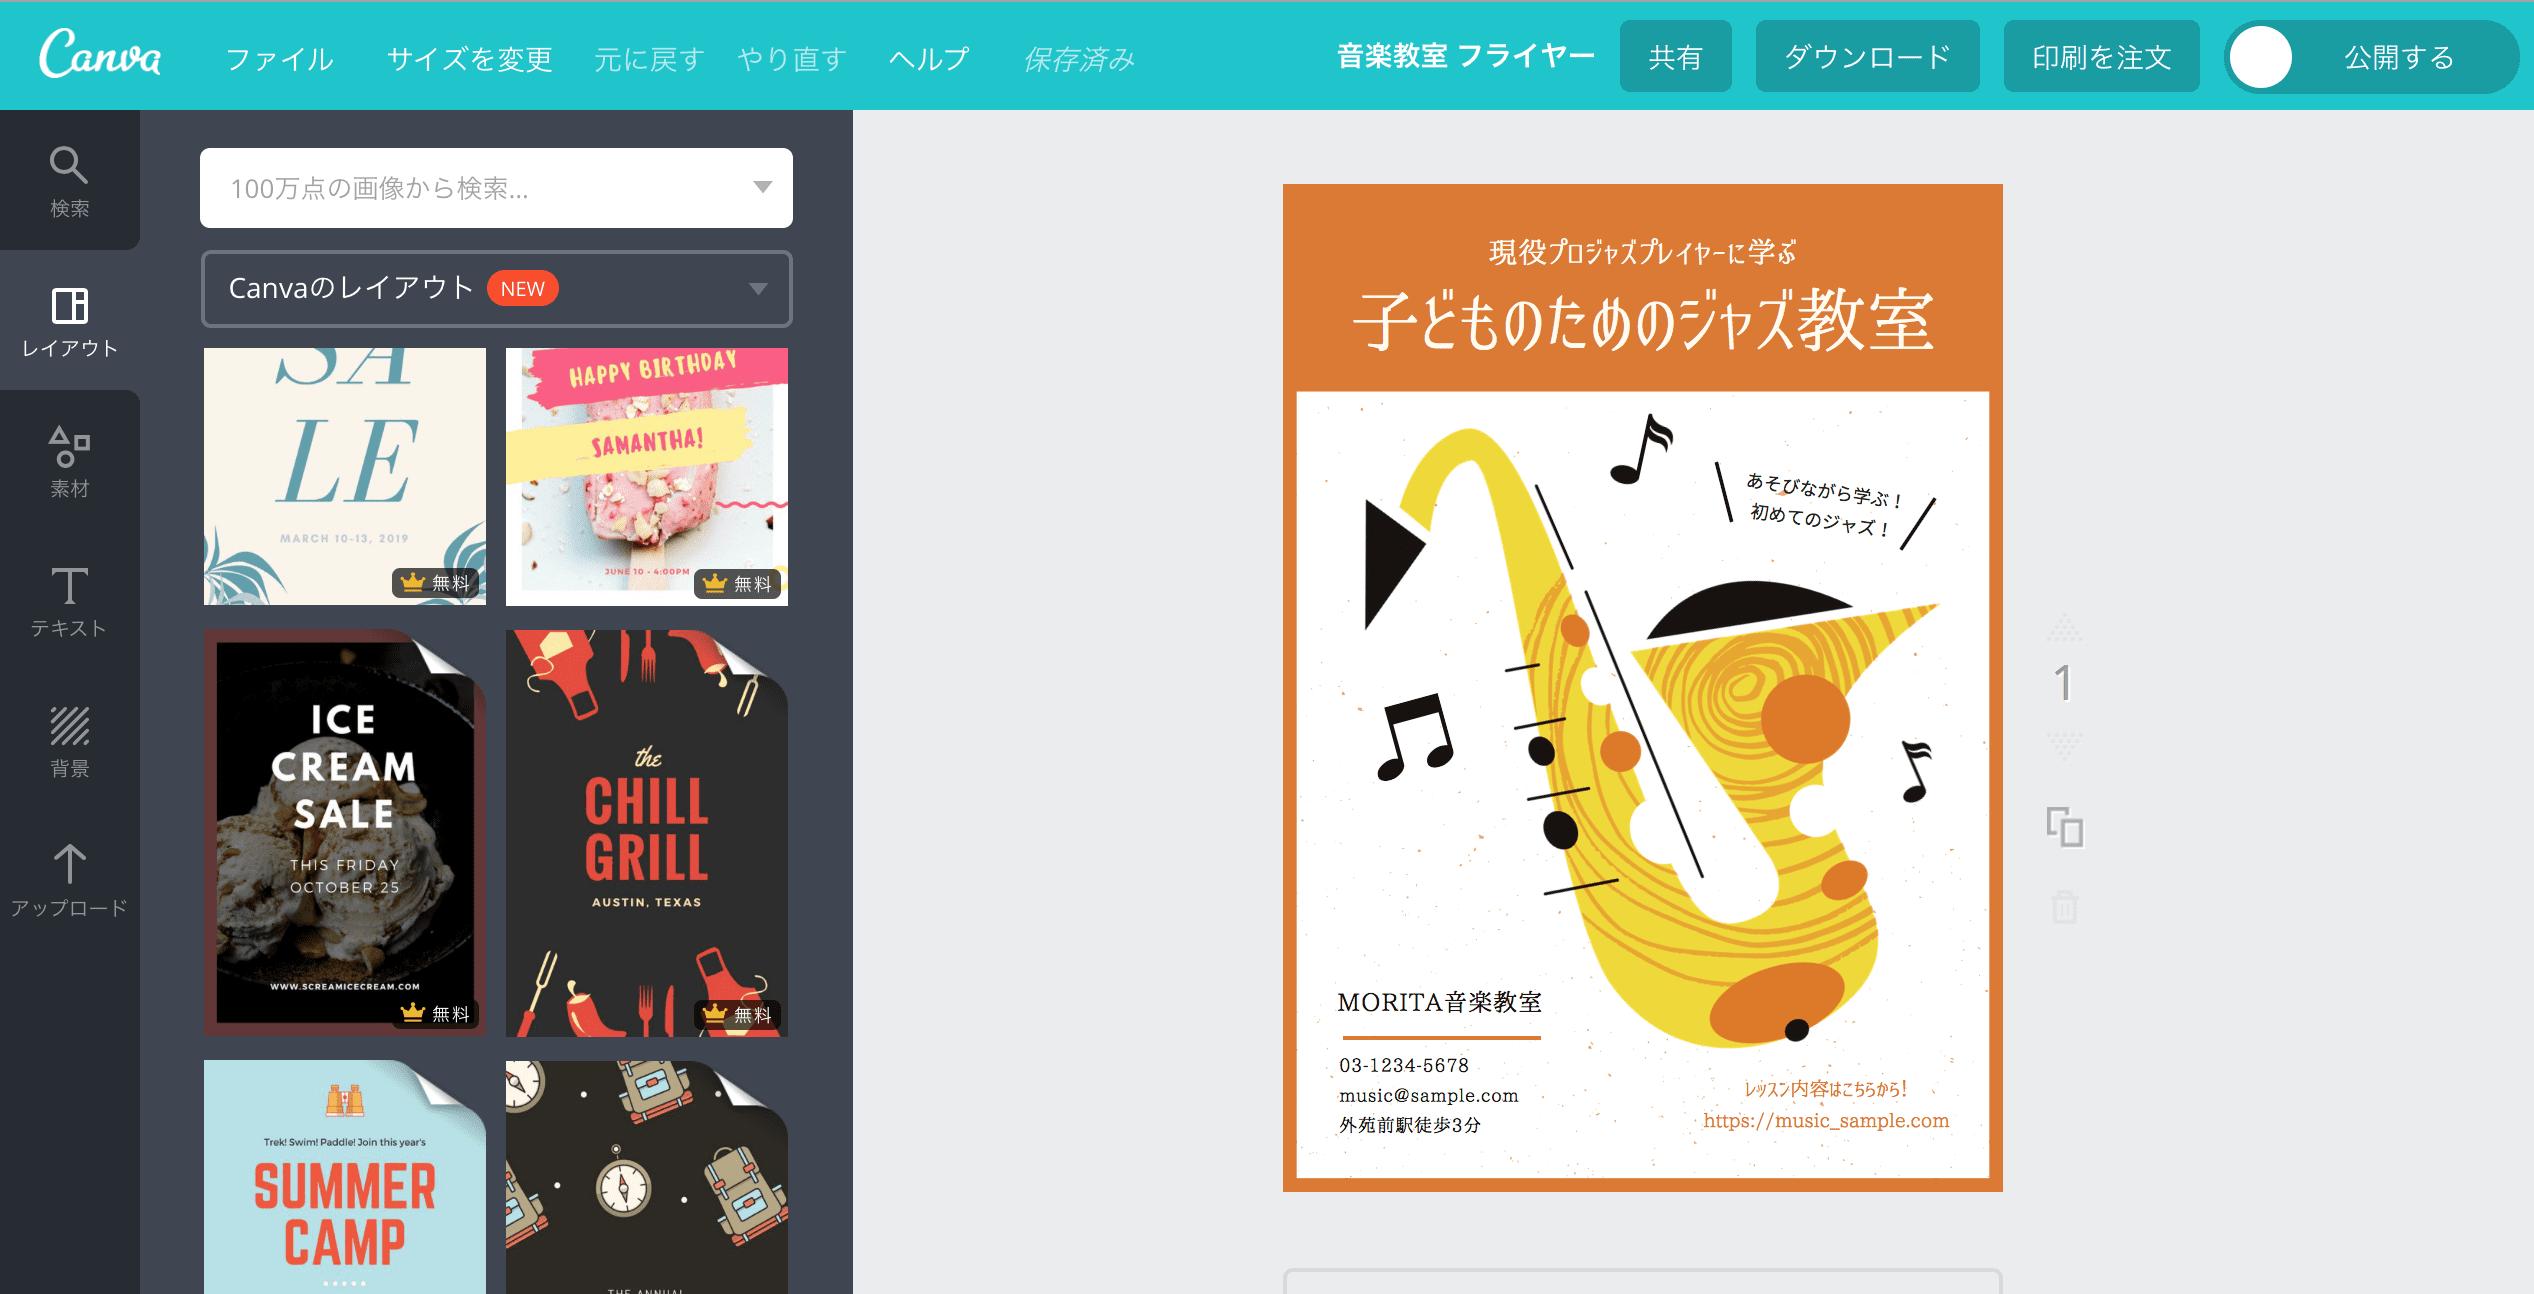 音楽教室のチラシ作成が簡単に